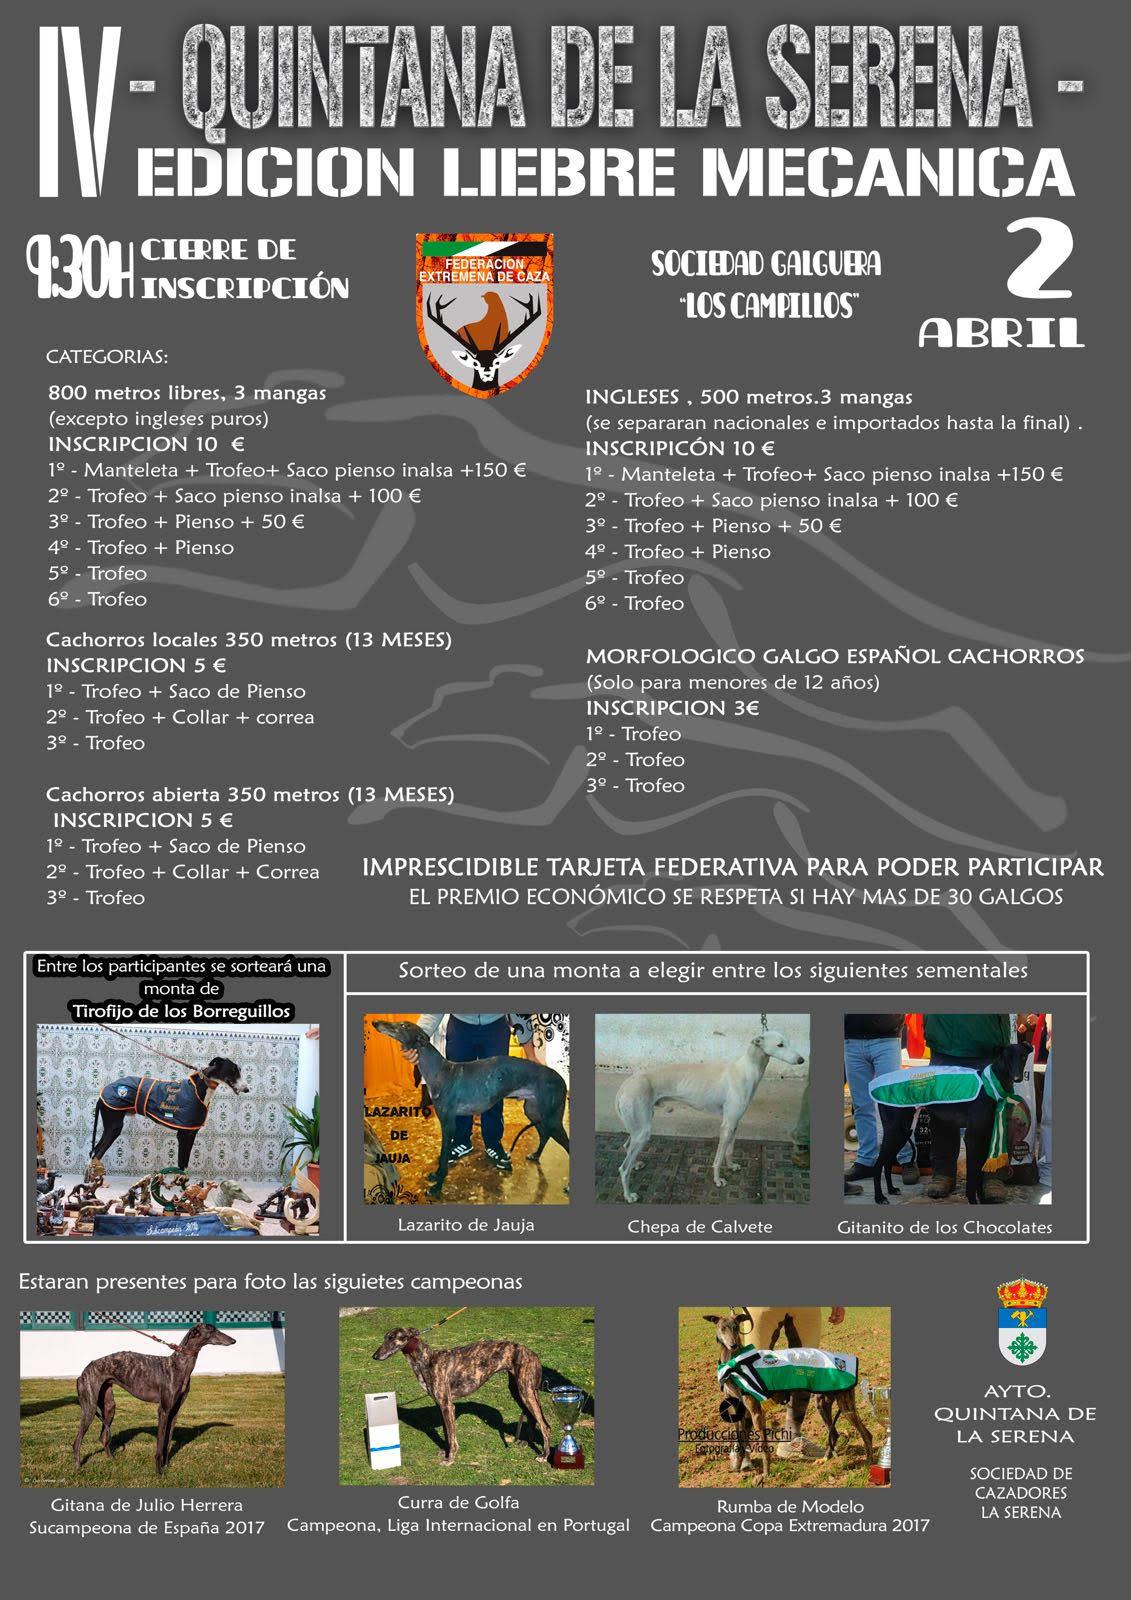 Cartel del Campeonato de Galgo con Liebre Mecánica de Extremadura.